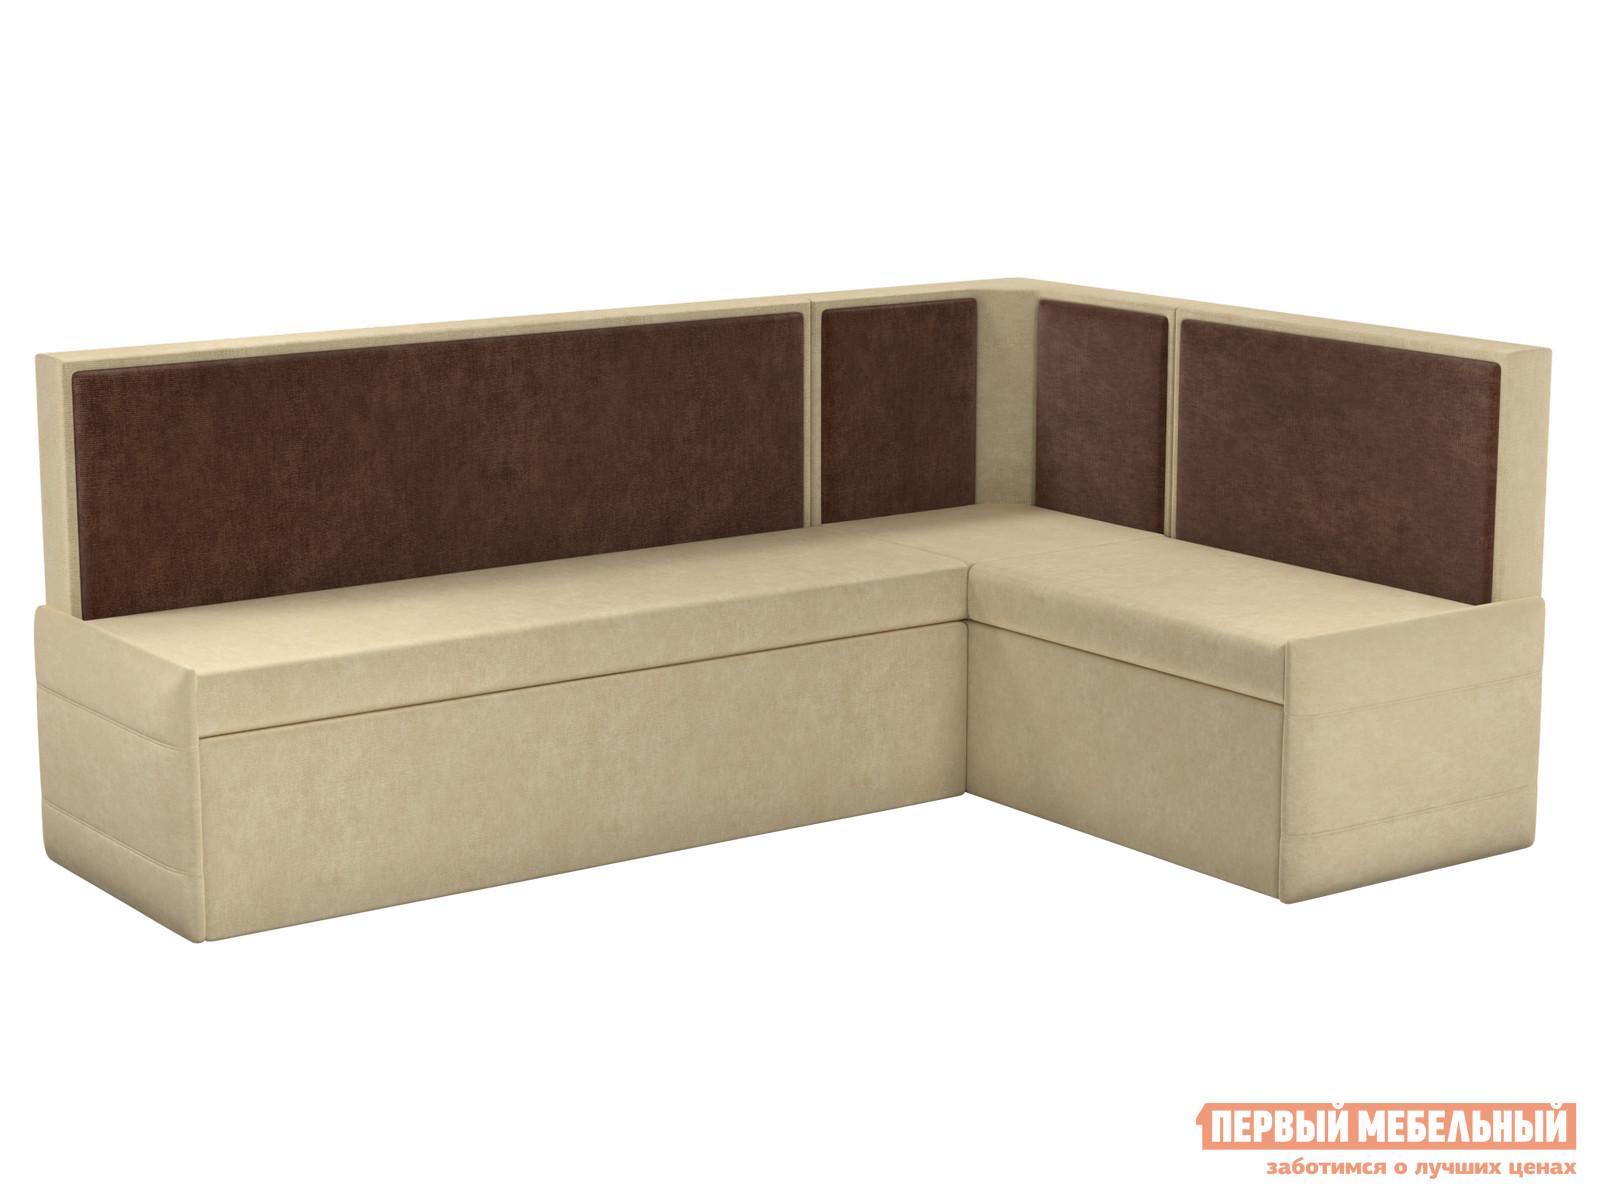 Кухонный диван  Кристина Бежево-коричневый микровельвет, Правый